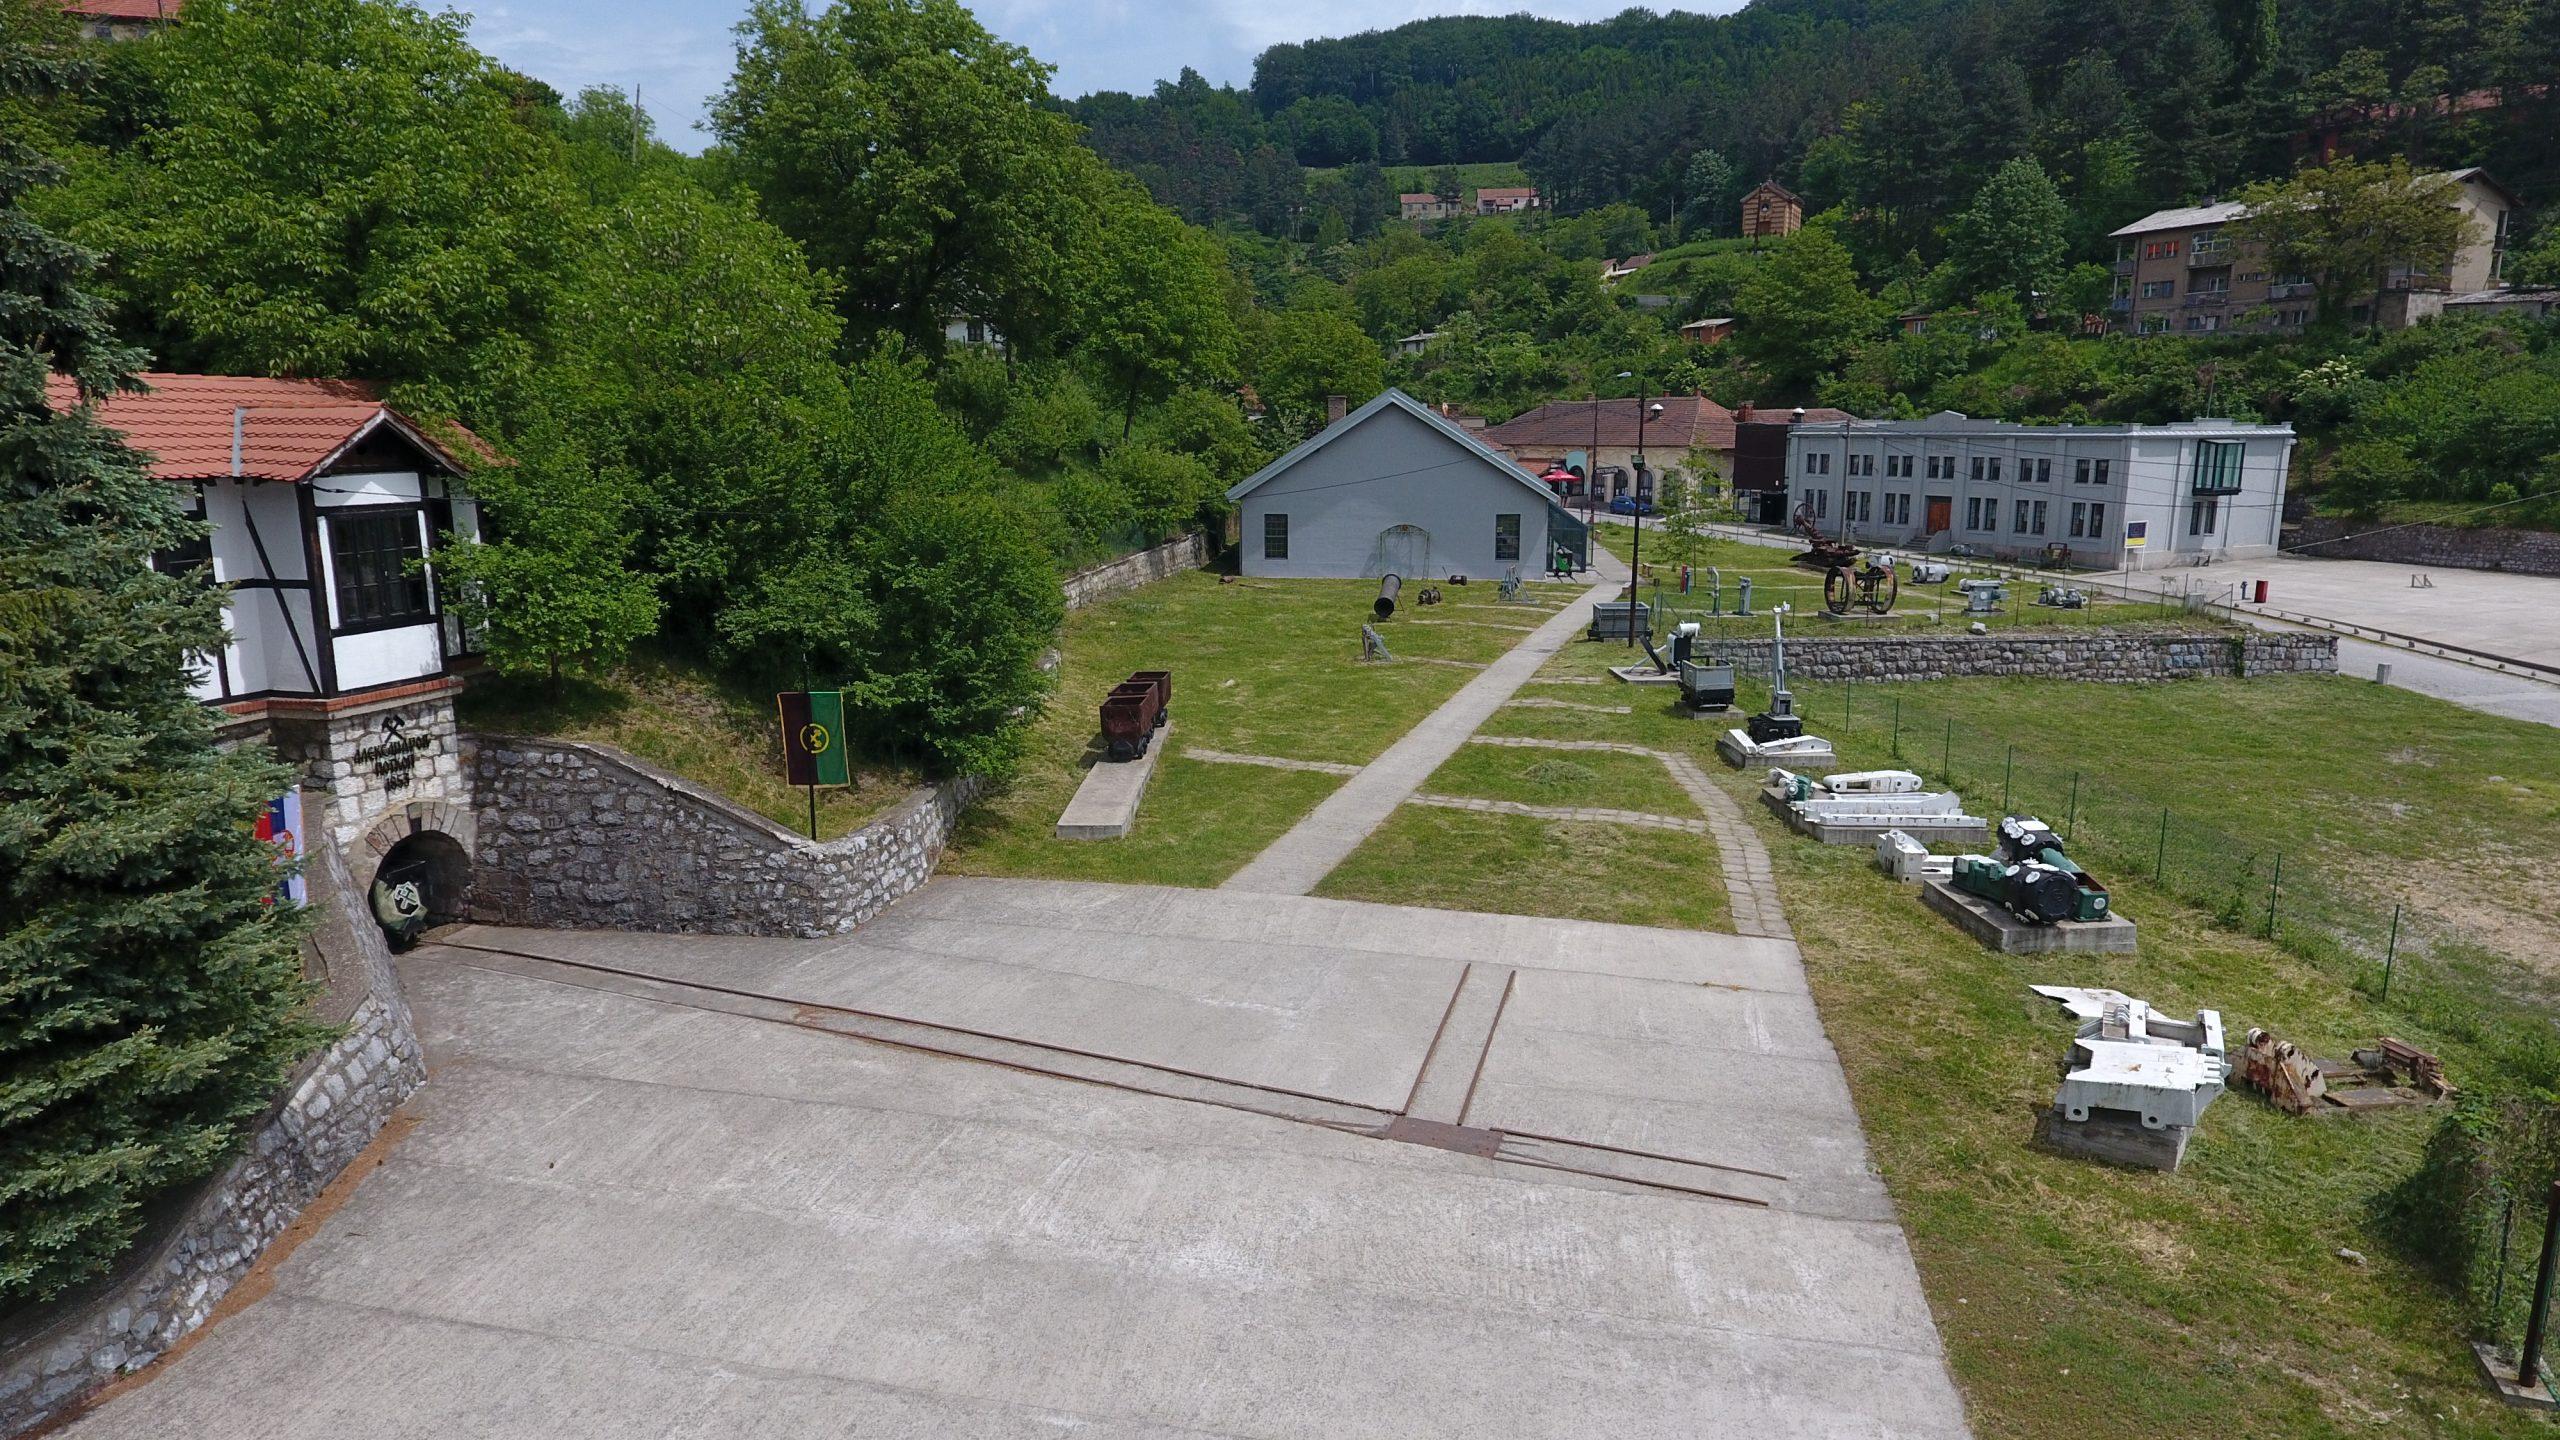 Go to Музеј угљарства у Сењском руднику